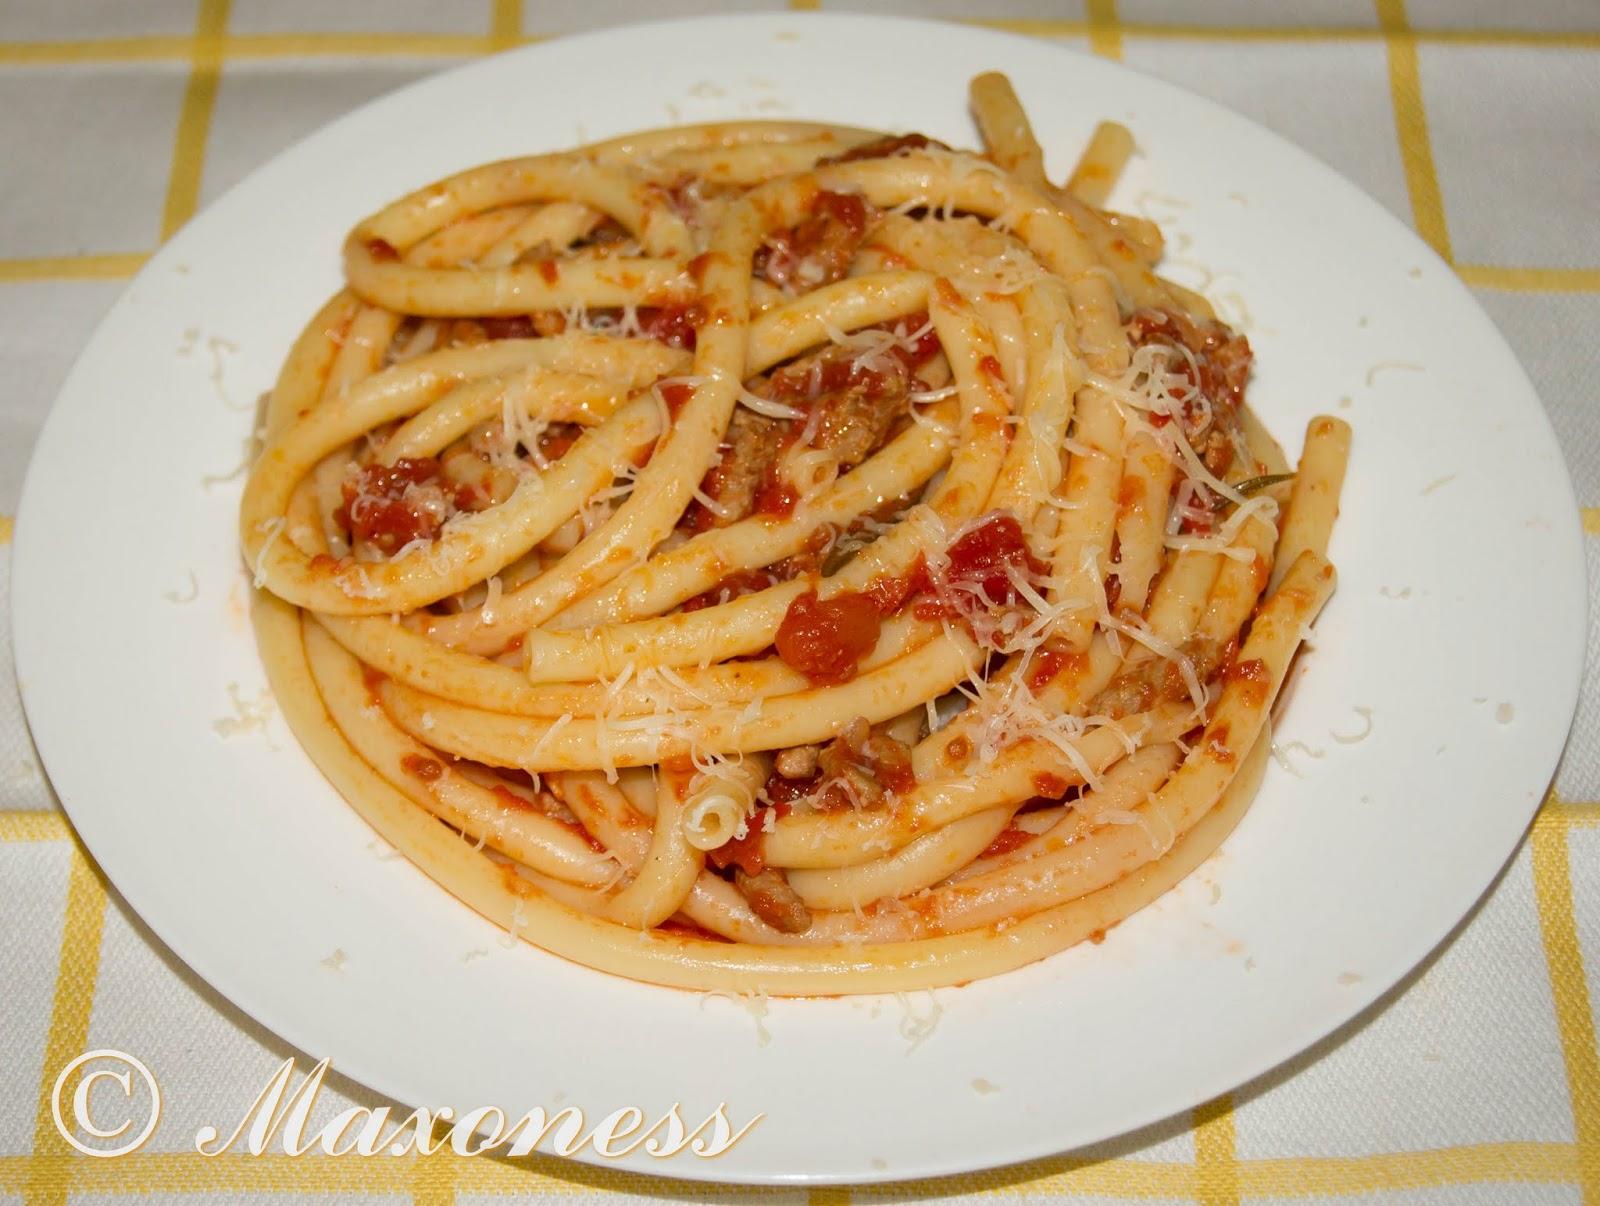 Тосканские пичи с томатно-мясным соусом от Джейми Оливера. Итальянская кухня